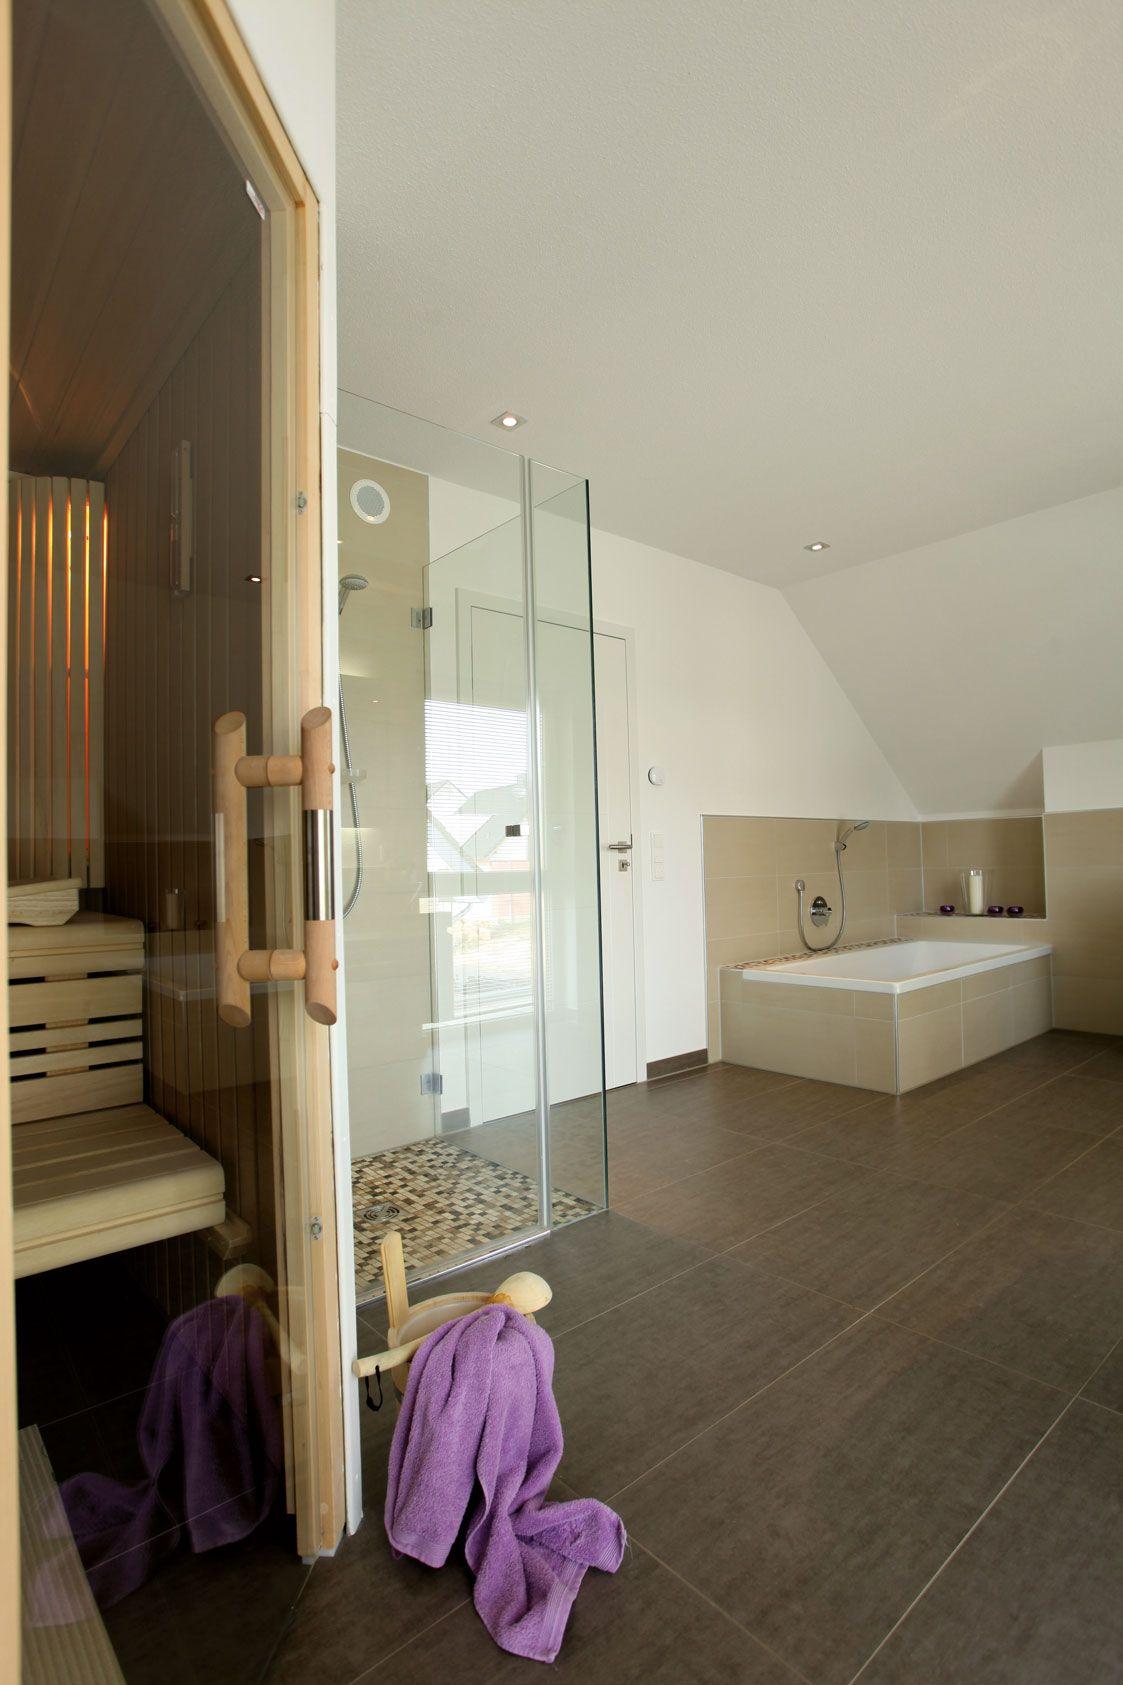 Schon Wohnideen   Badezimmer Mit Sauna Und Dunklen Fliesen